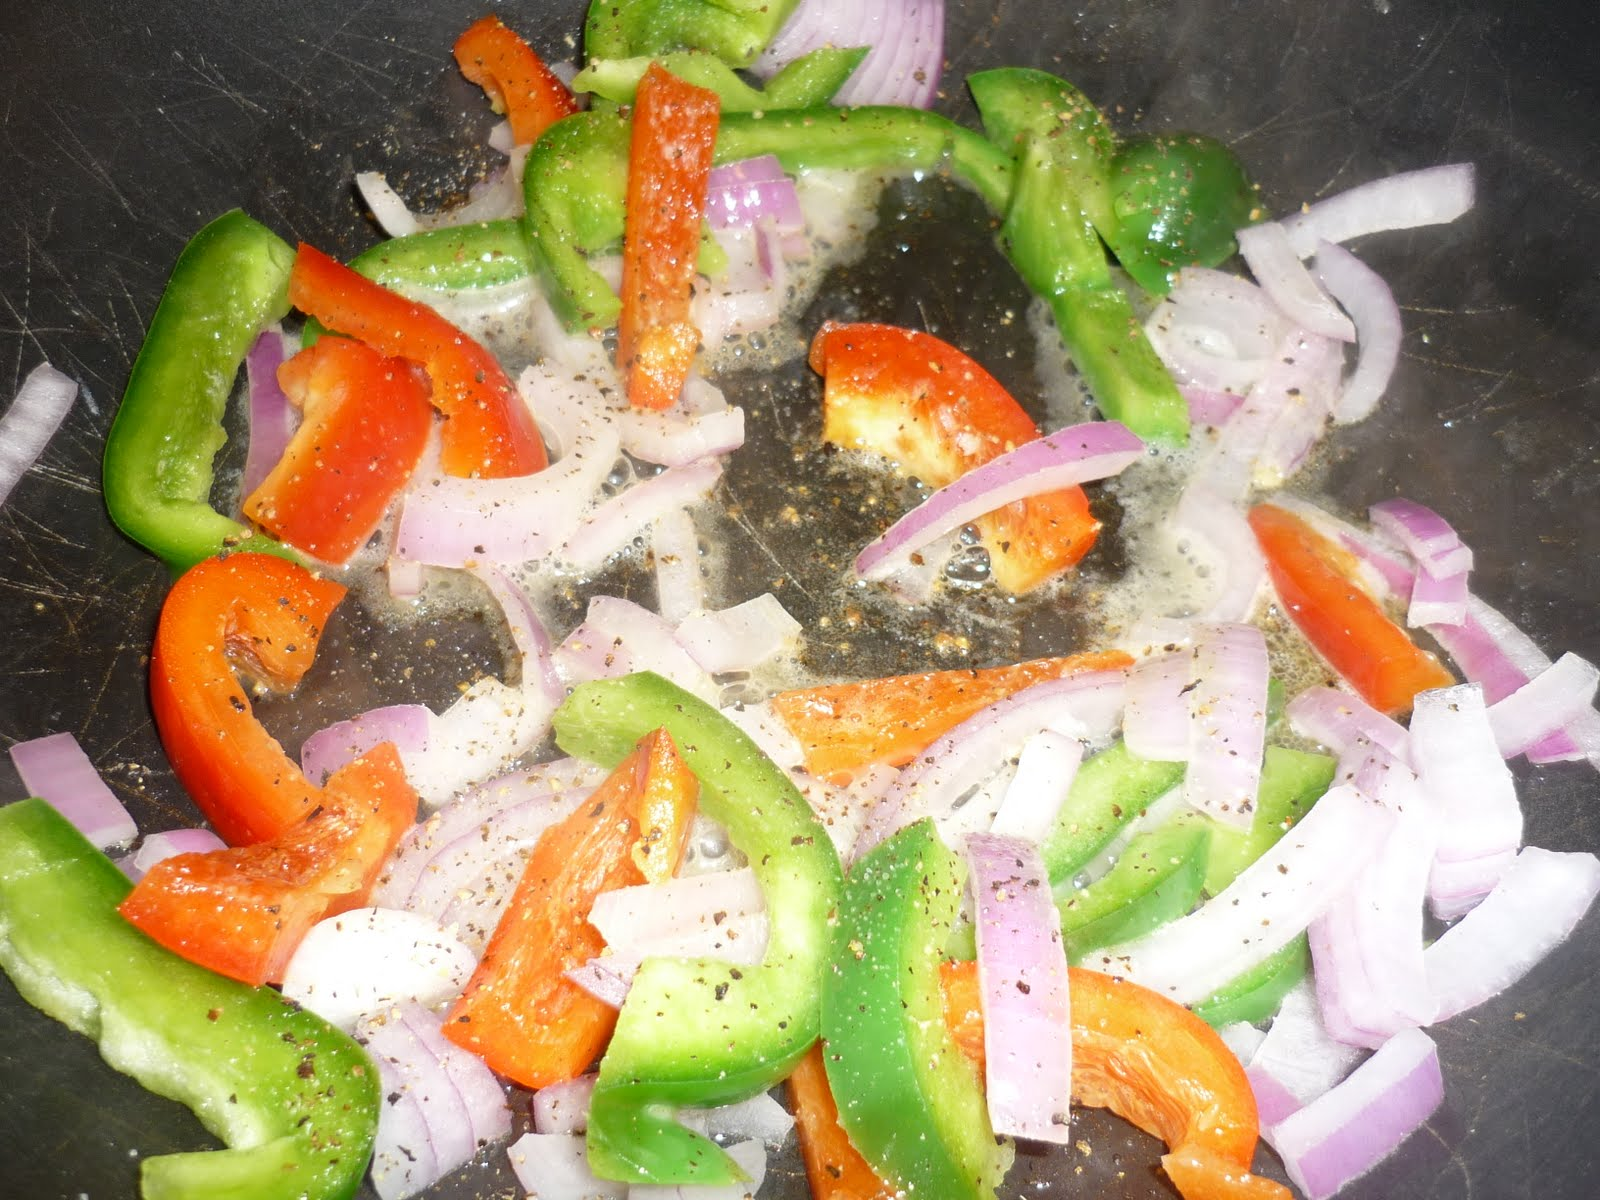 Veggie Pesto Sammy